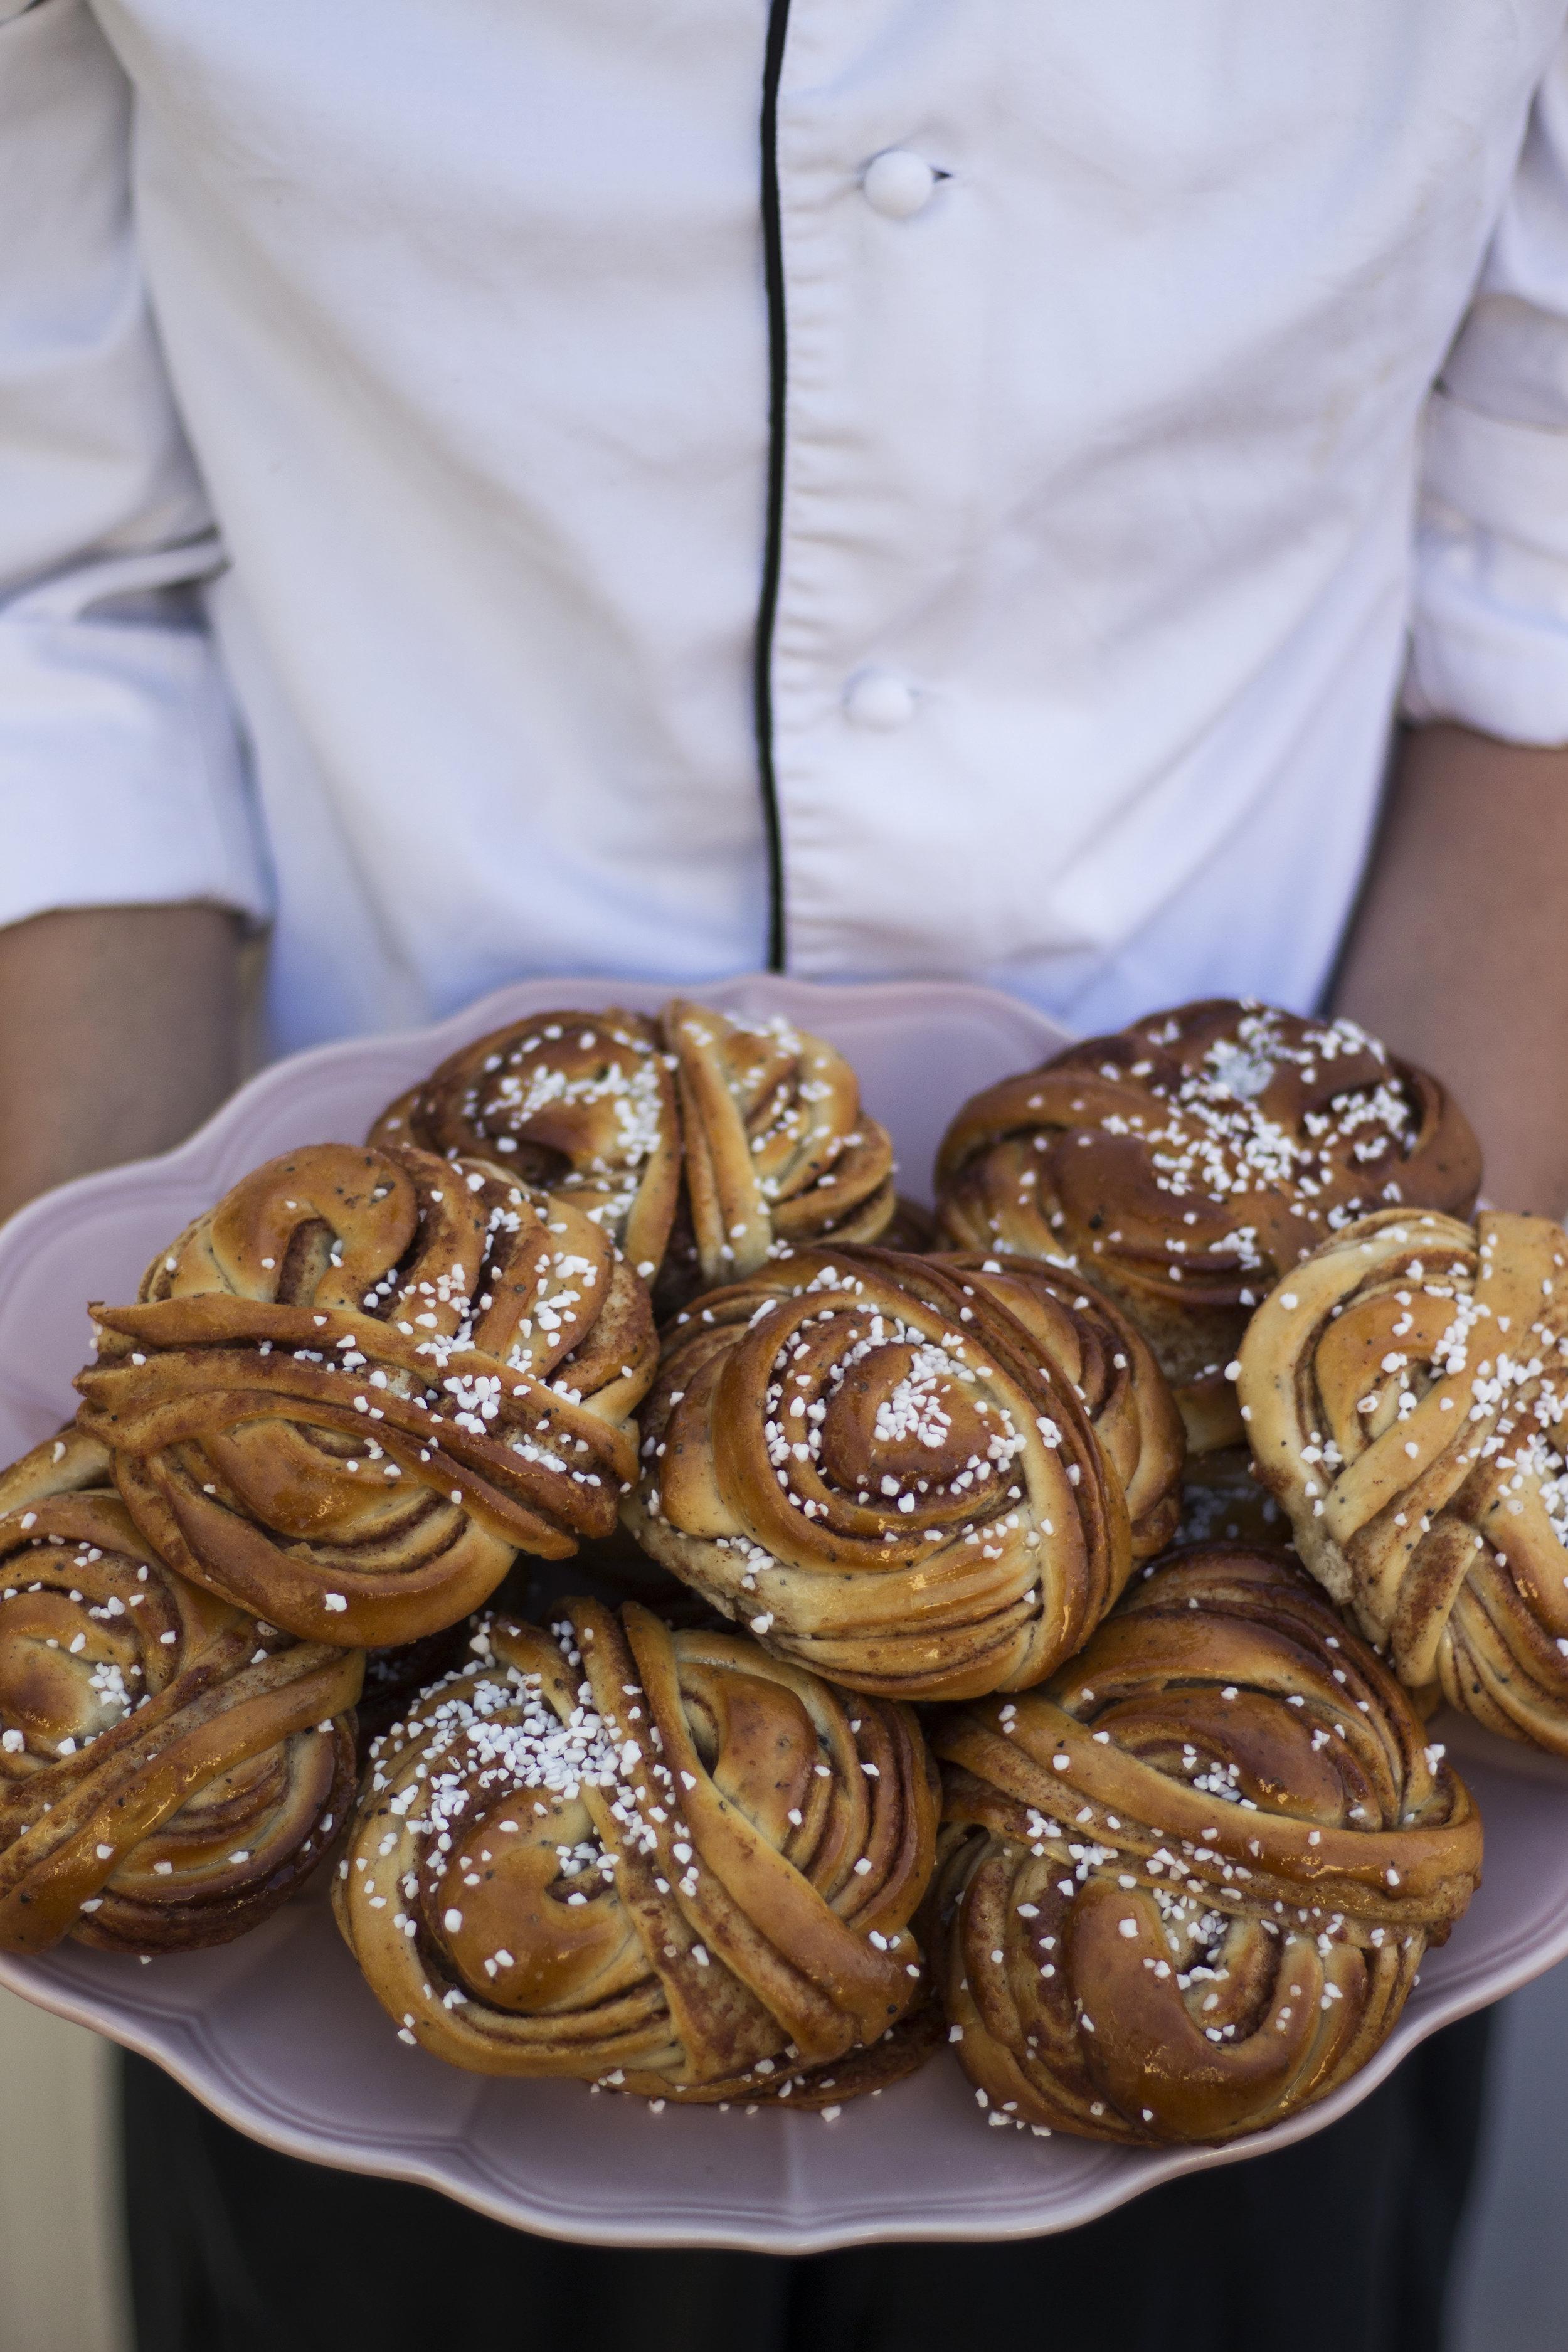 Hotel & Resturang-Vi erbjuder ett stort sortiment av matbröd, och fikabröd -